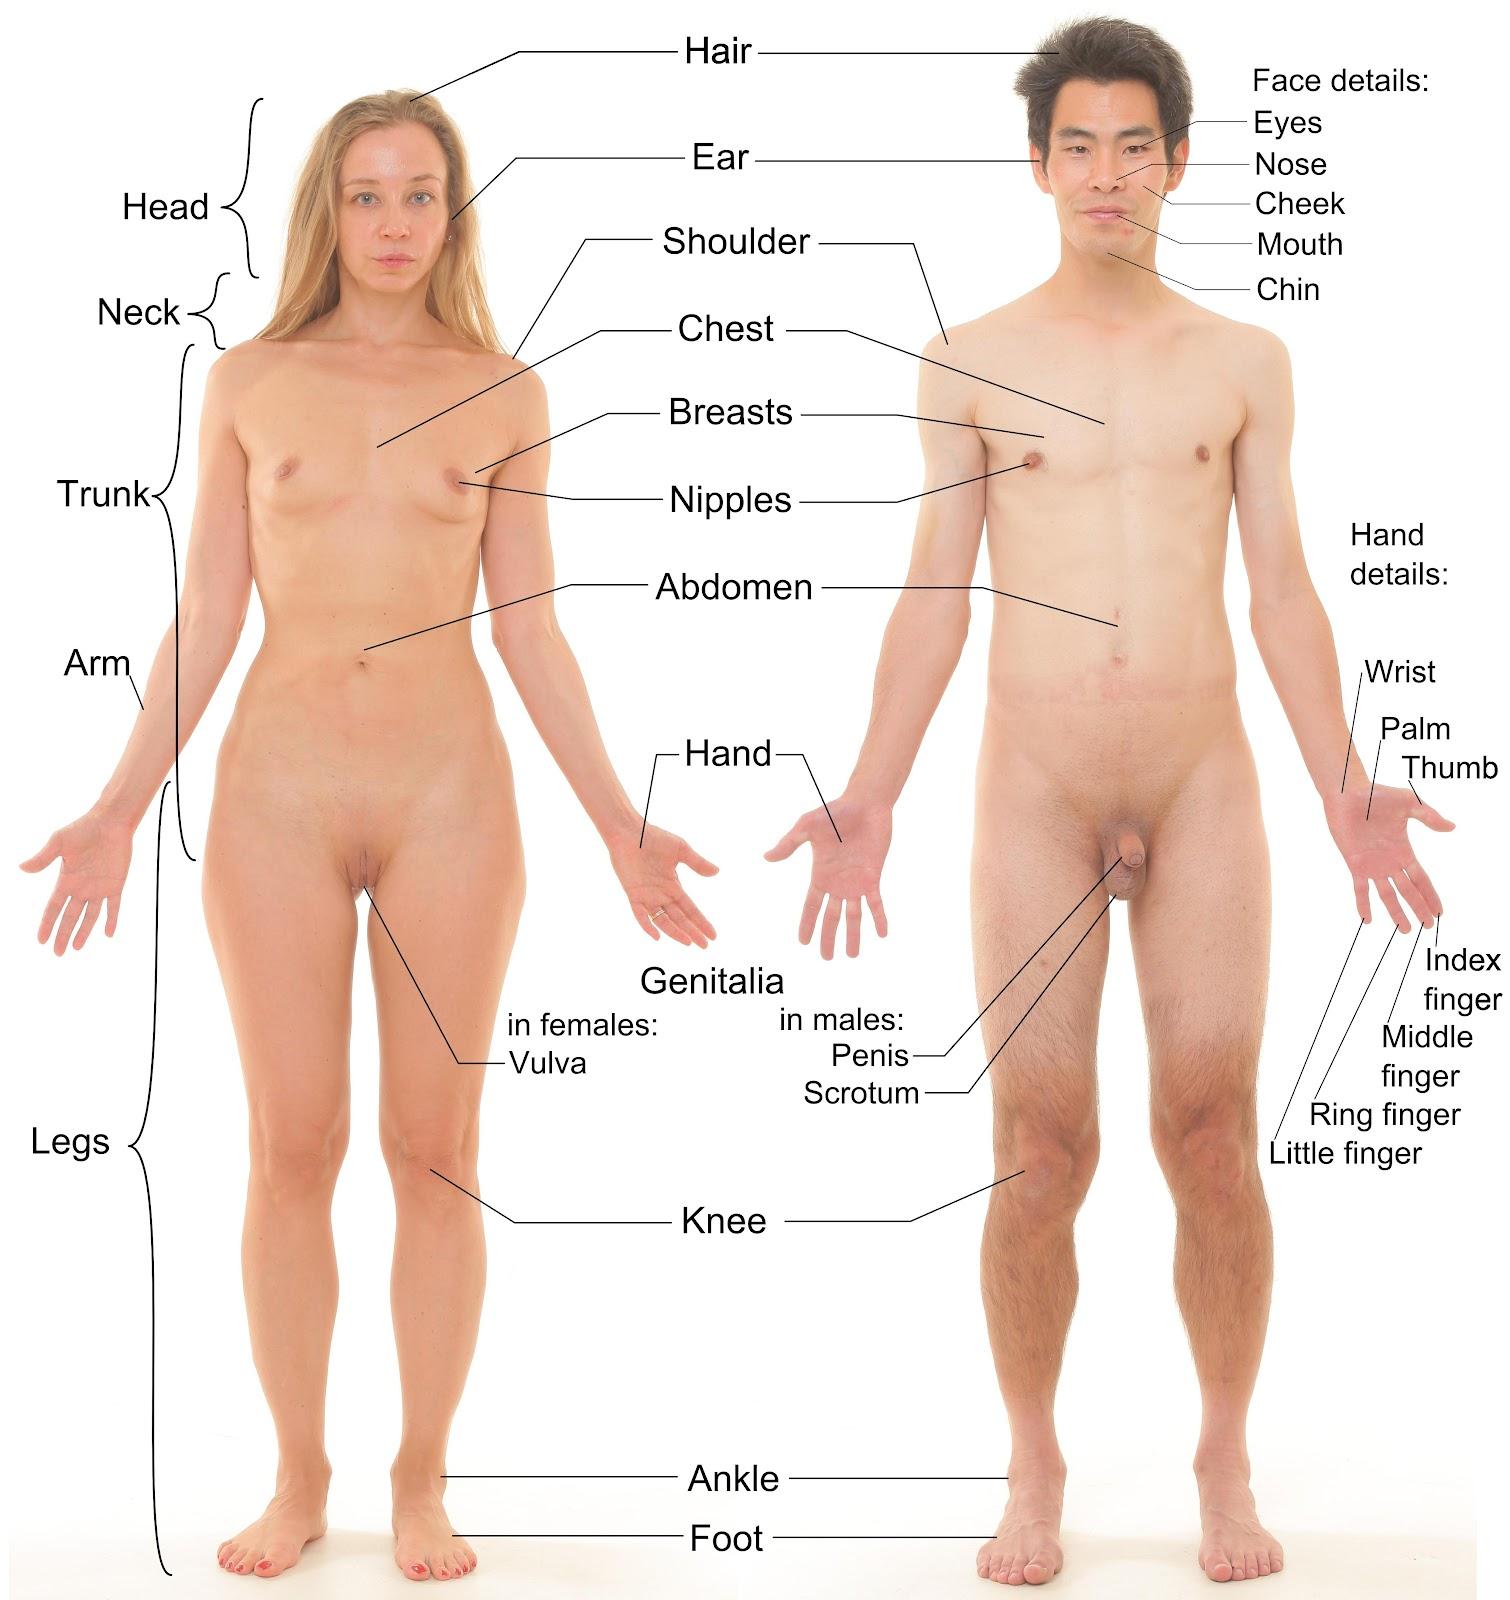 Уроки по изучению женских и мужских гениталий студентами с наглядным пособием фото 10 фотография